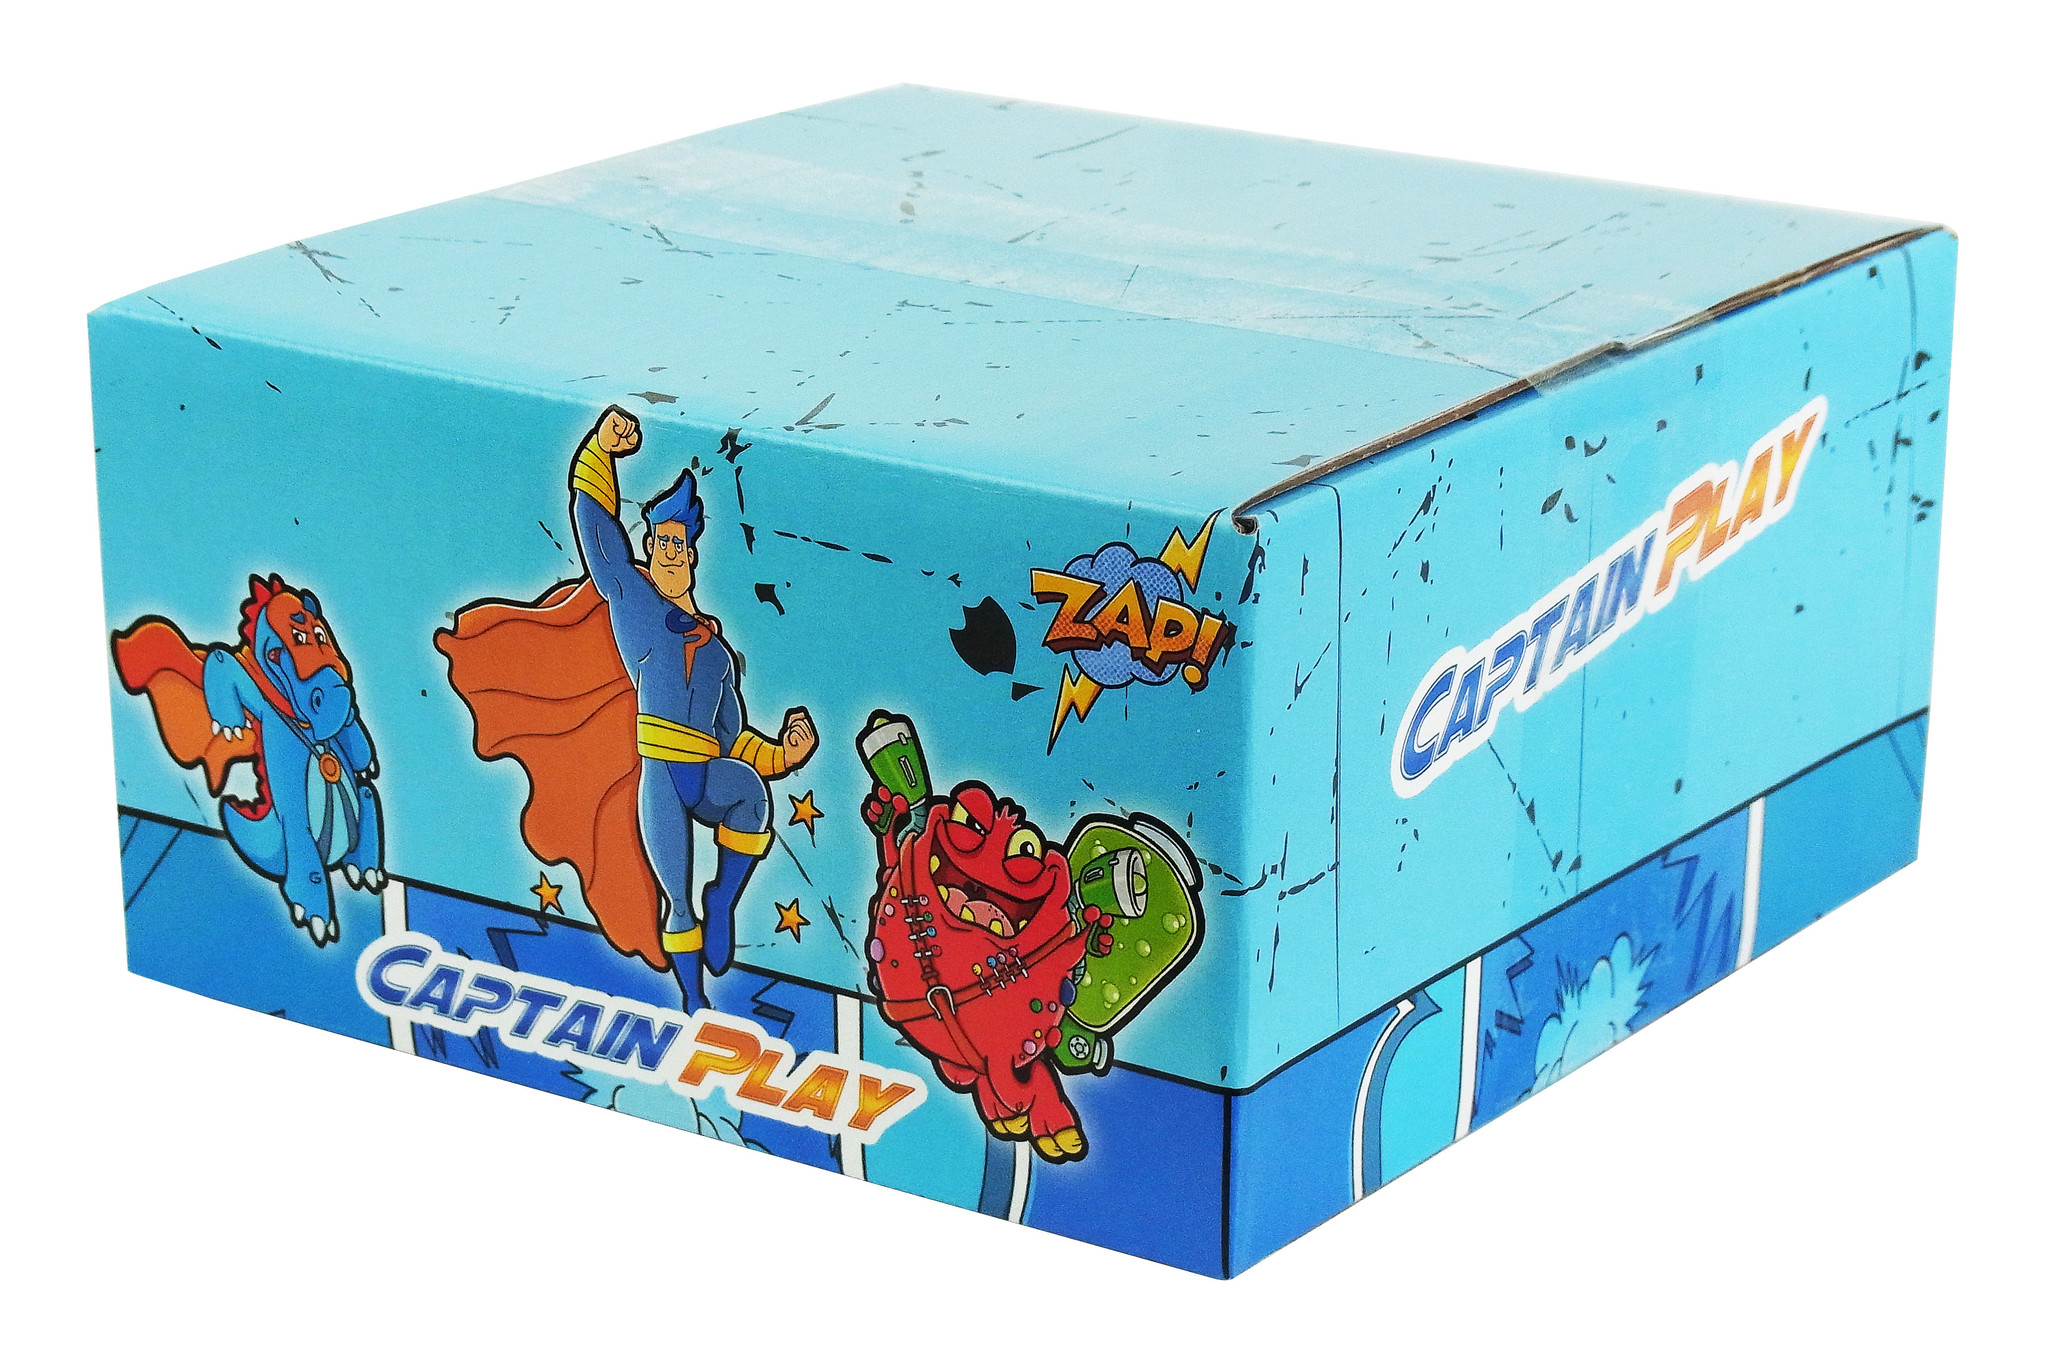 CAPTAIN PLAY  Spiegeleier Fruchtgummi mit Schaumzucker, 1er Pack  (1 x 1kg Karton)